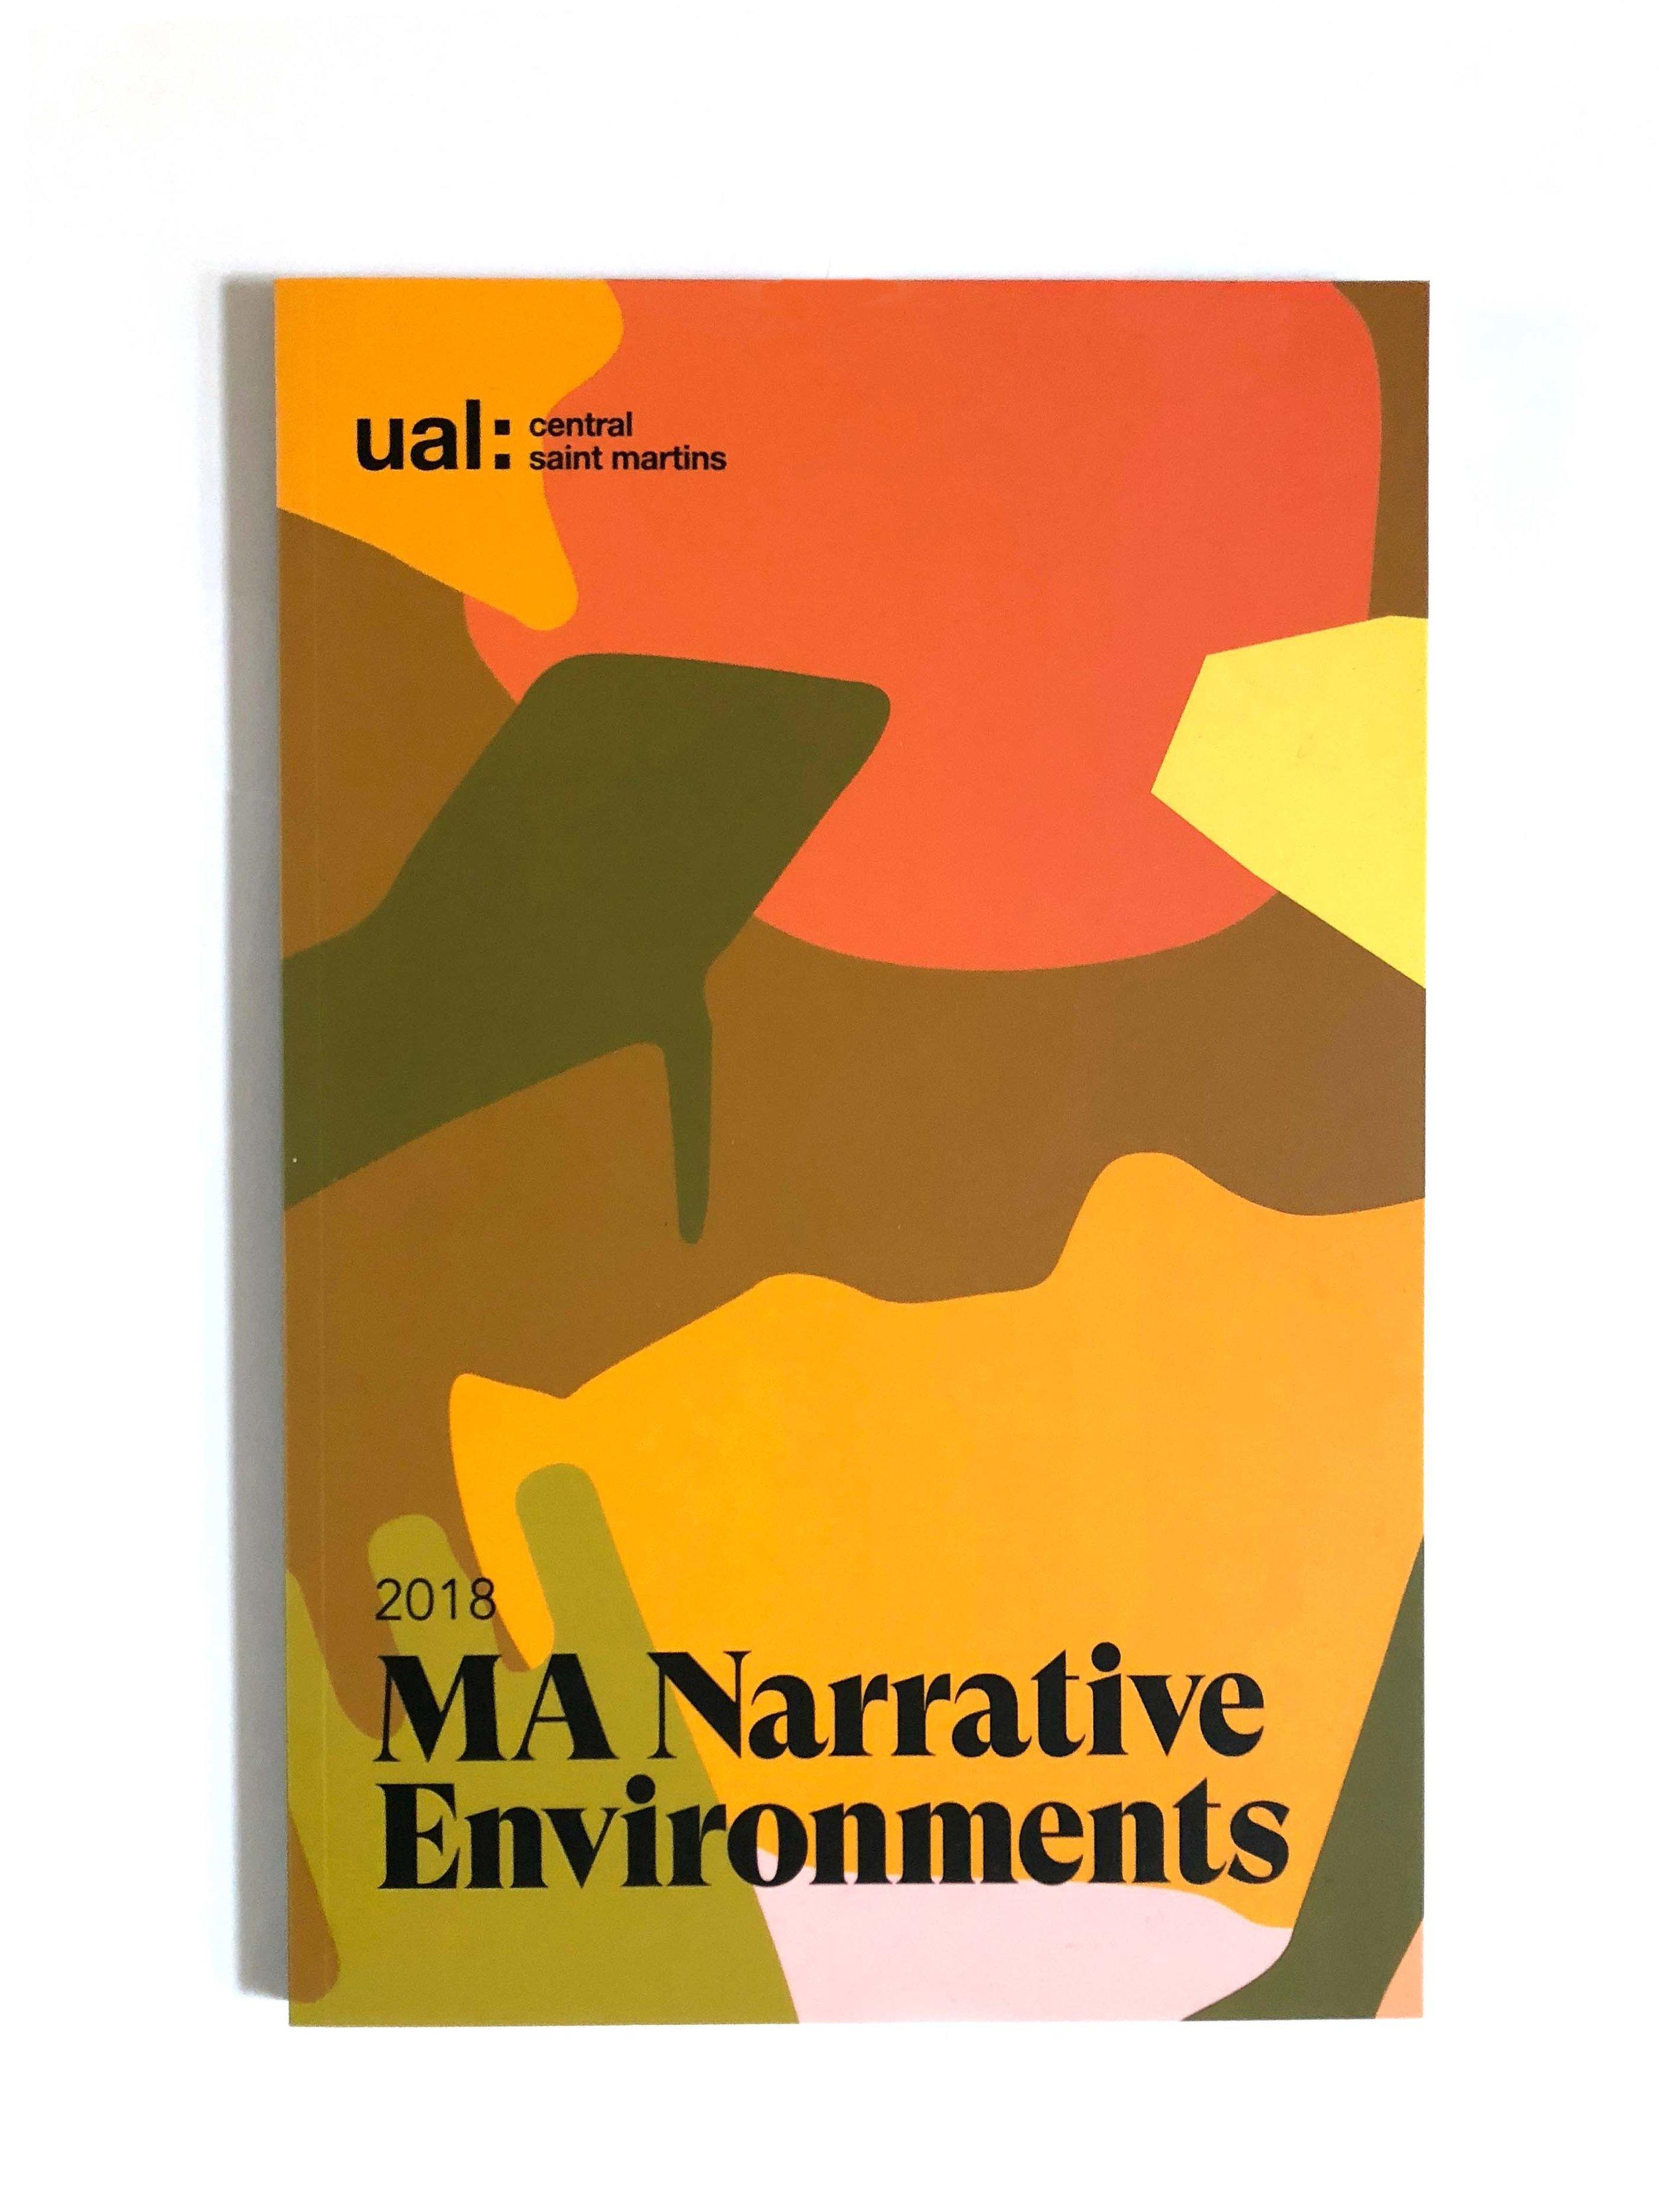 'SHAPING STORIES' MA Narrative Environments